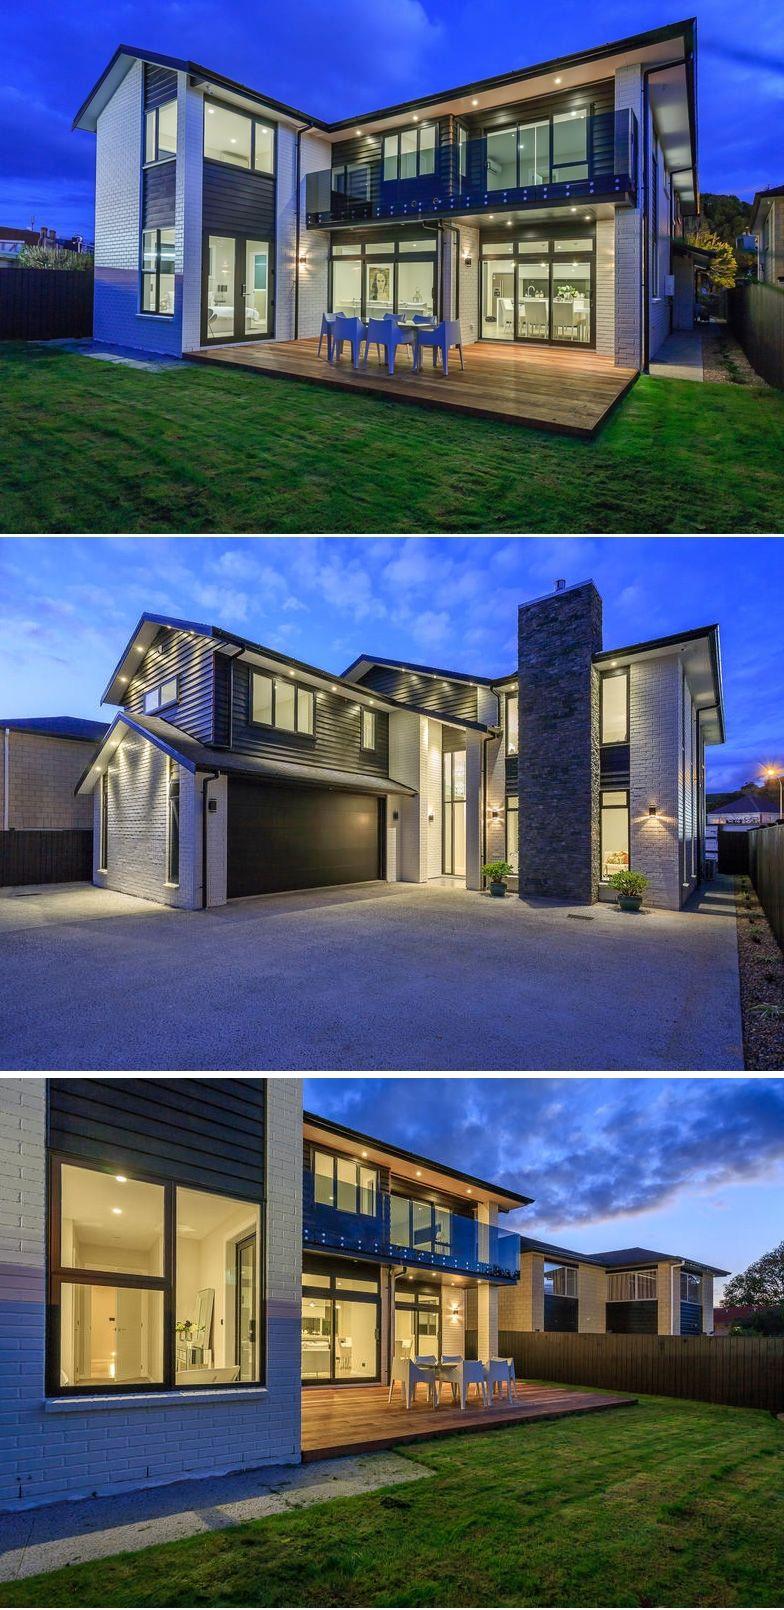 Architektur villen aussen modernes haus außen moderne häuser modernen zeitgenössischen häuser glashaus moderne architektur traumhäuser